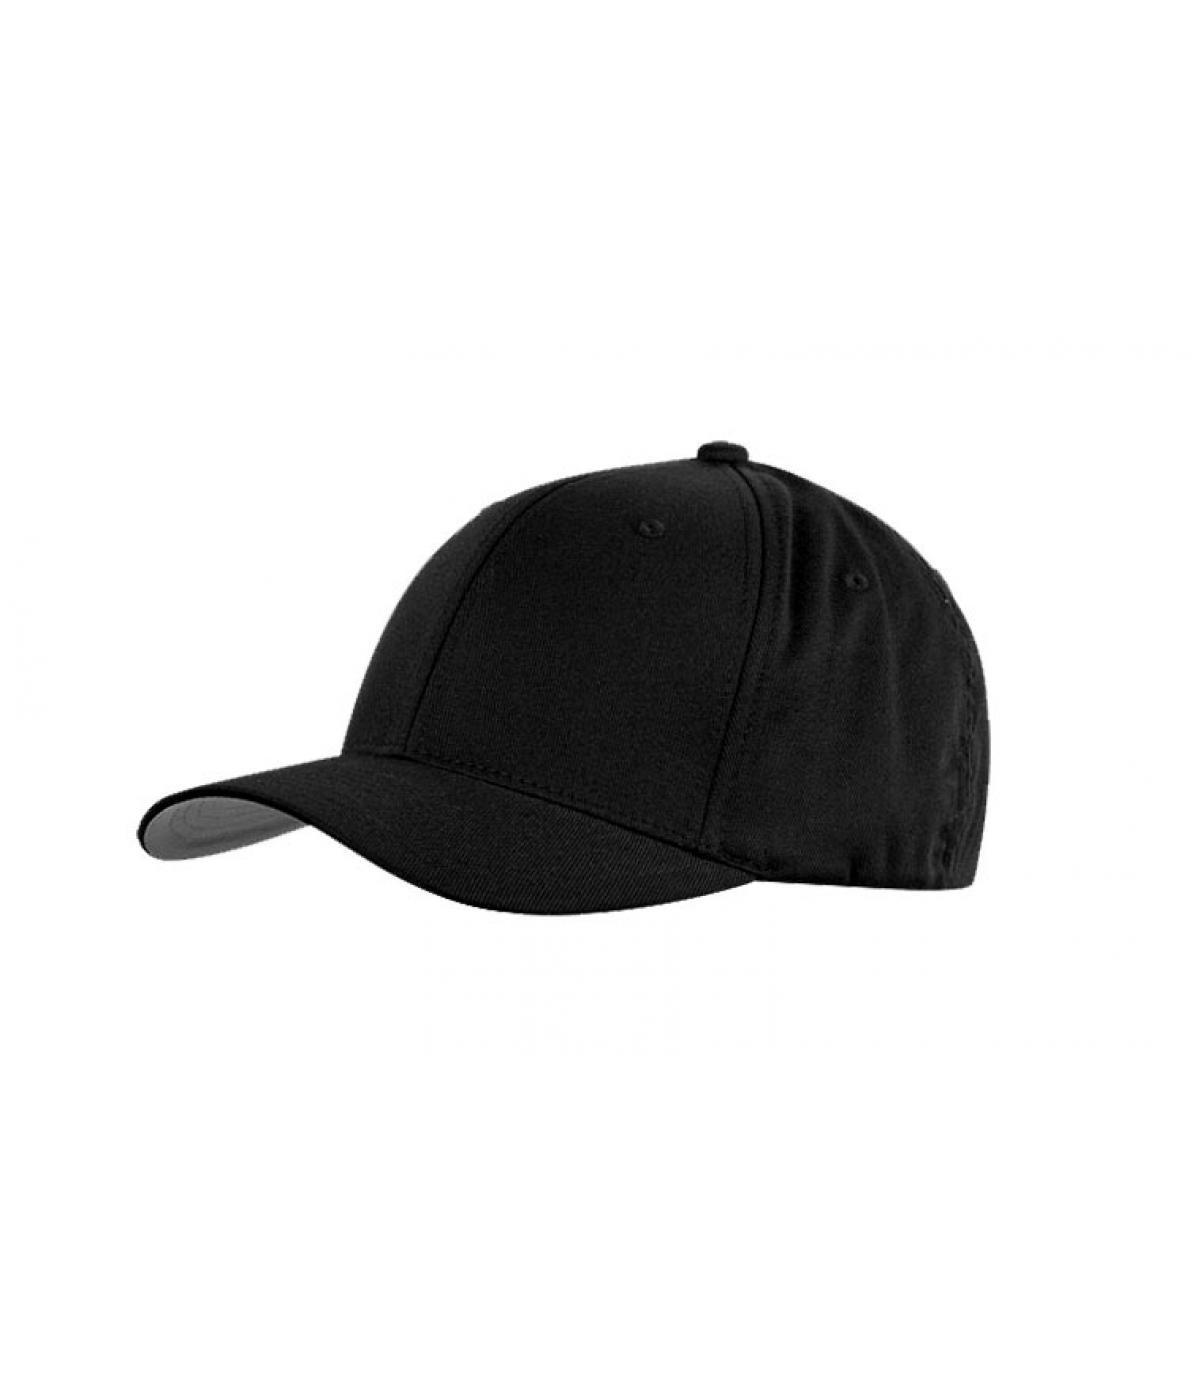 casquette noire flexfit